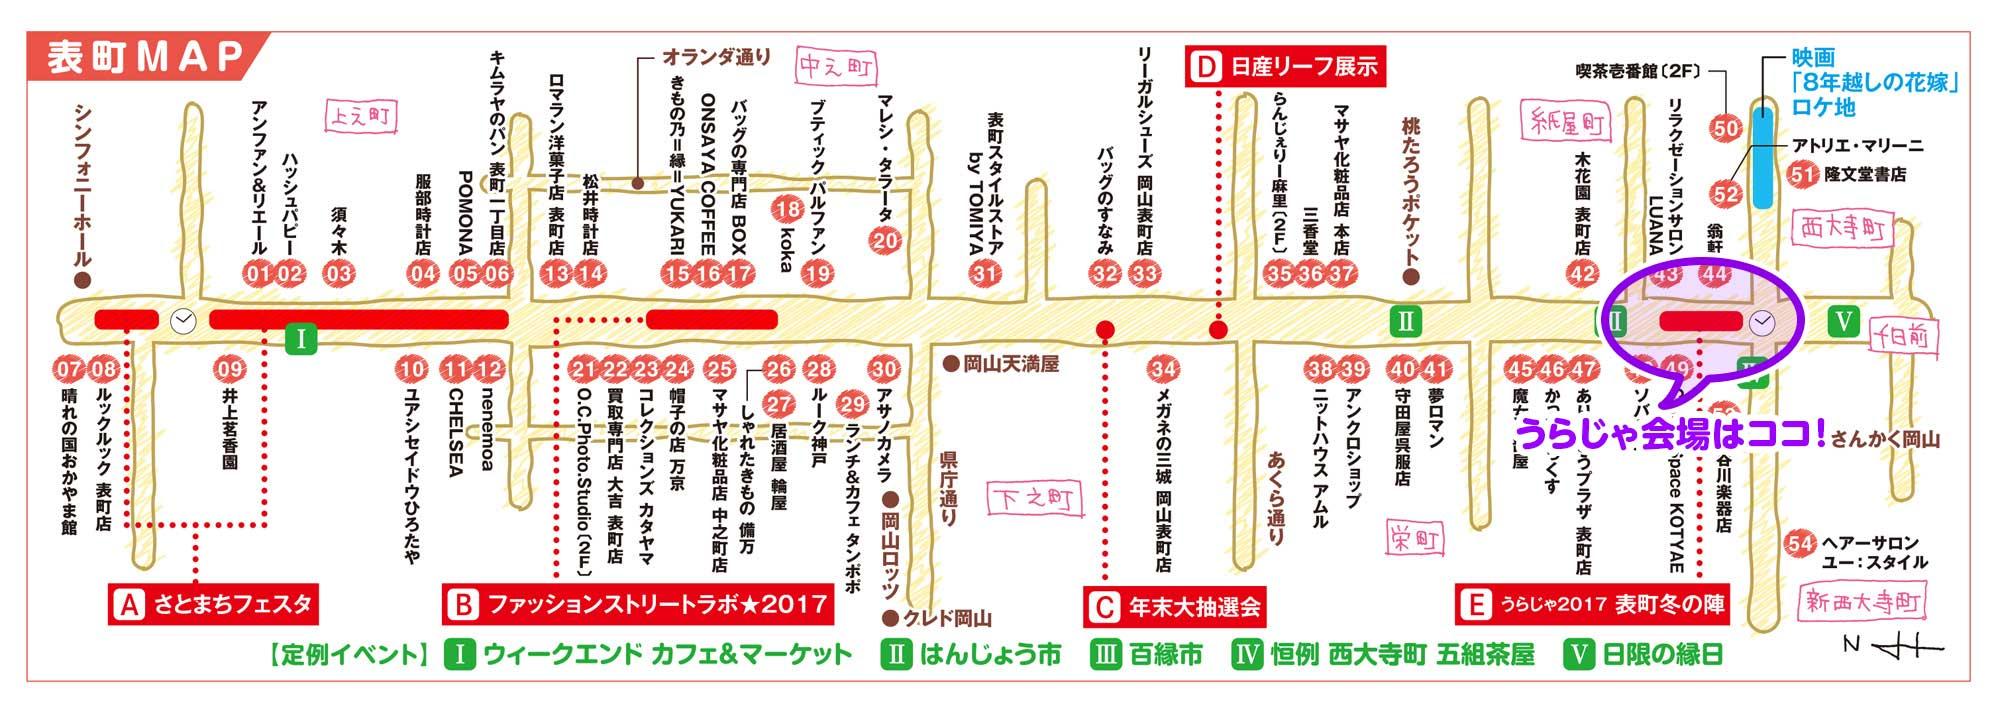 omobura_map_2017